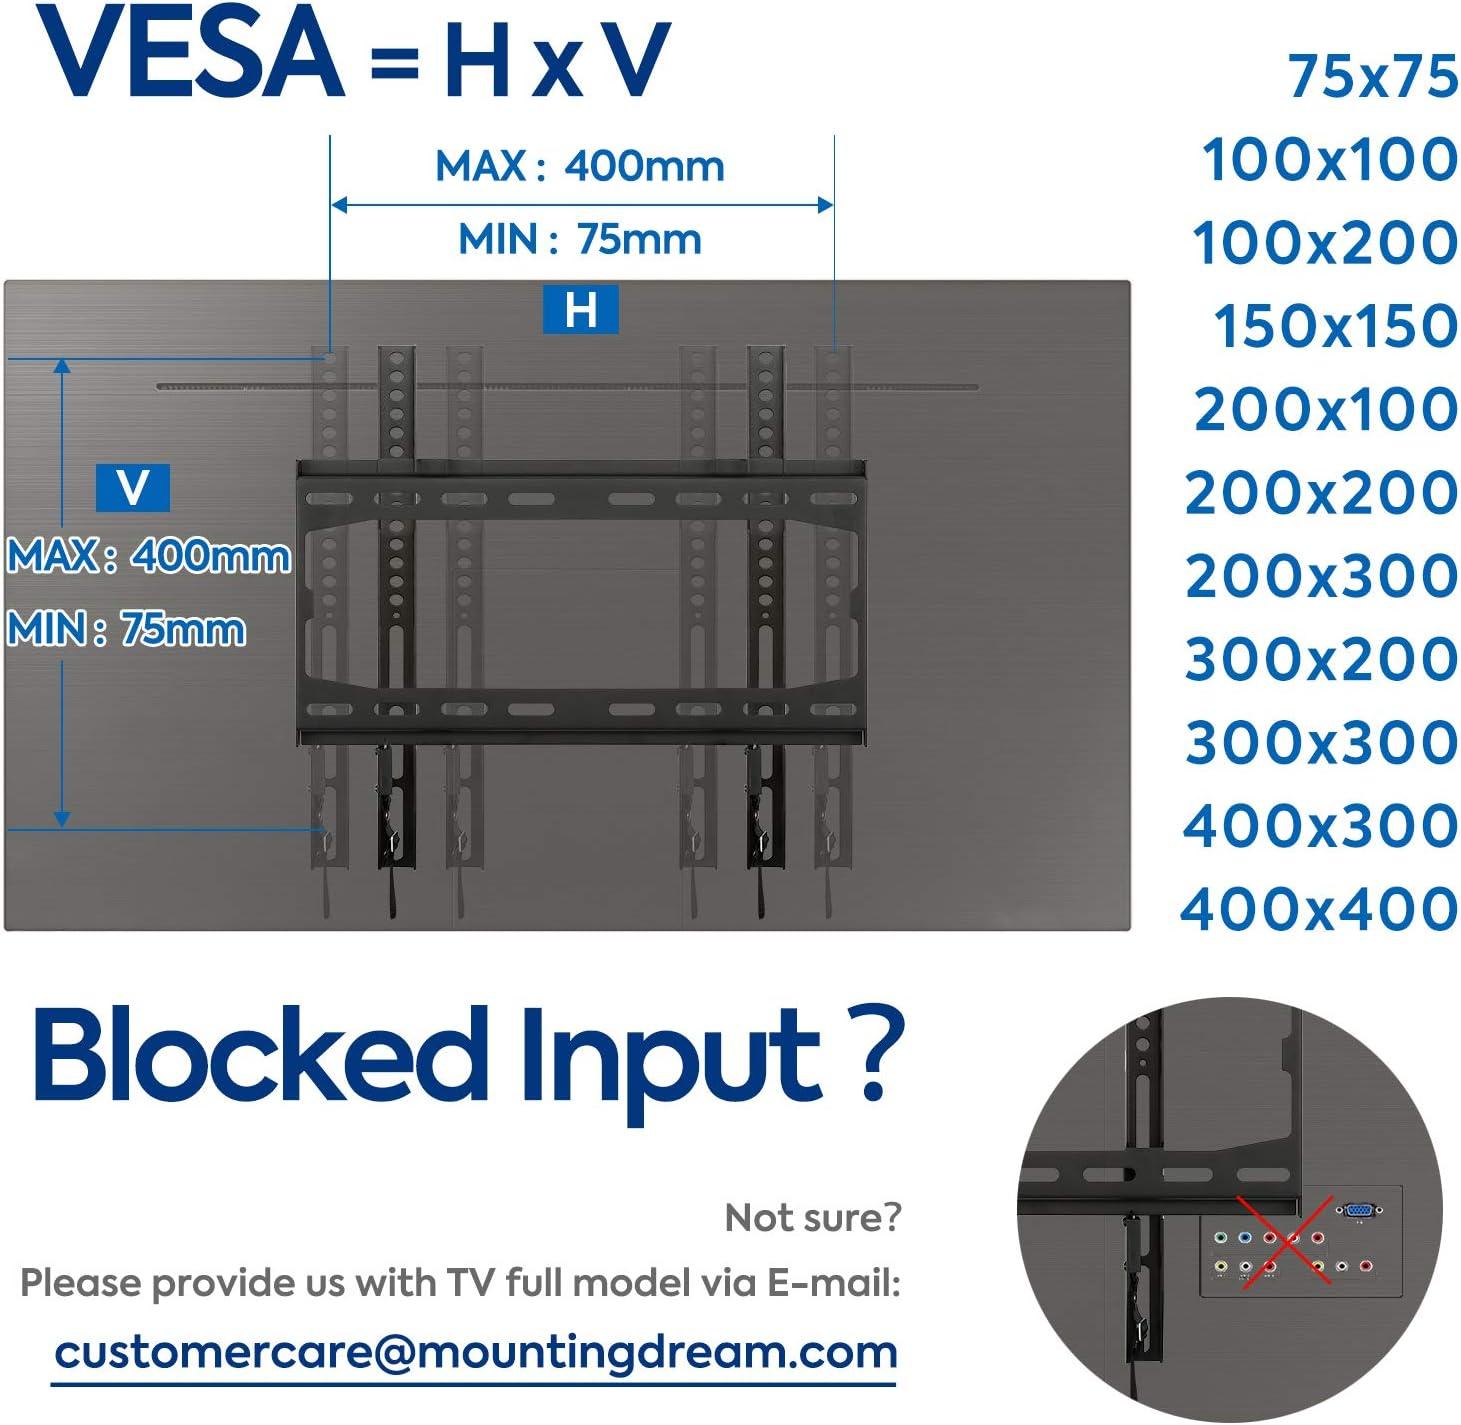 Mounting Dream Soporte de Pared de TV Fijo Soporte de Televisión para la Mayoría de los 26-55 Pulgadas LED, LCD, OLED y Plasma TVs con VESA 75x75-400x400mm hasta 45,5kg, MD2361-K-02, Negro: Amazon.es: